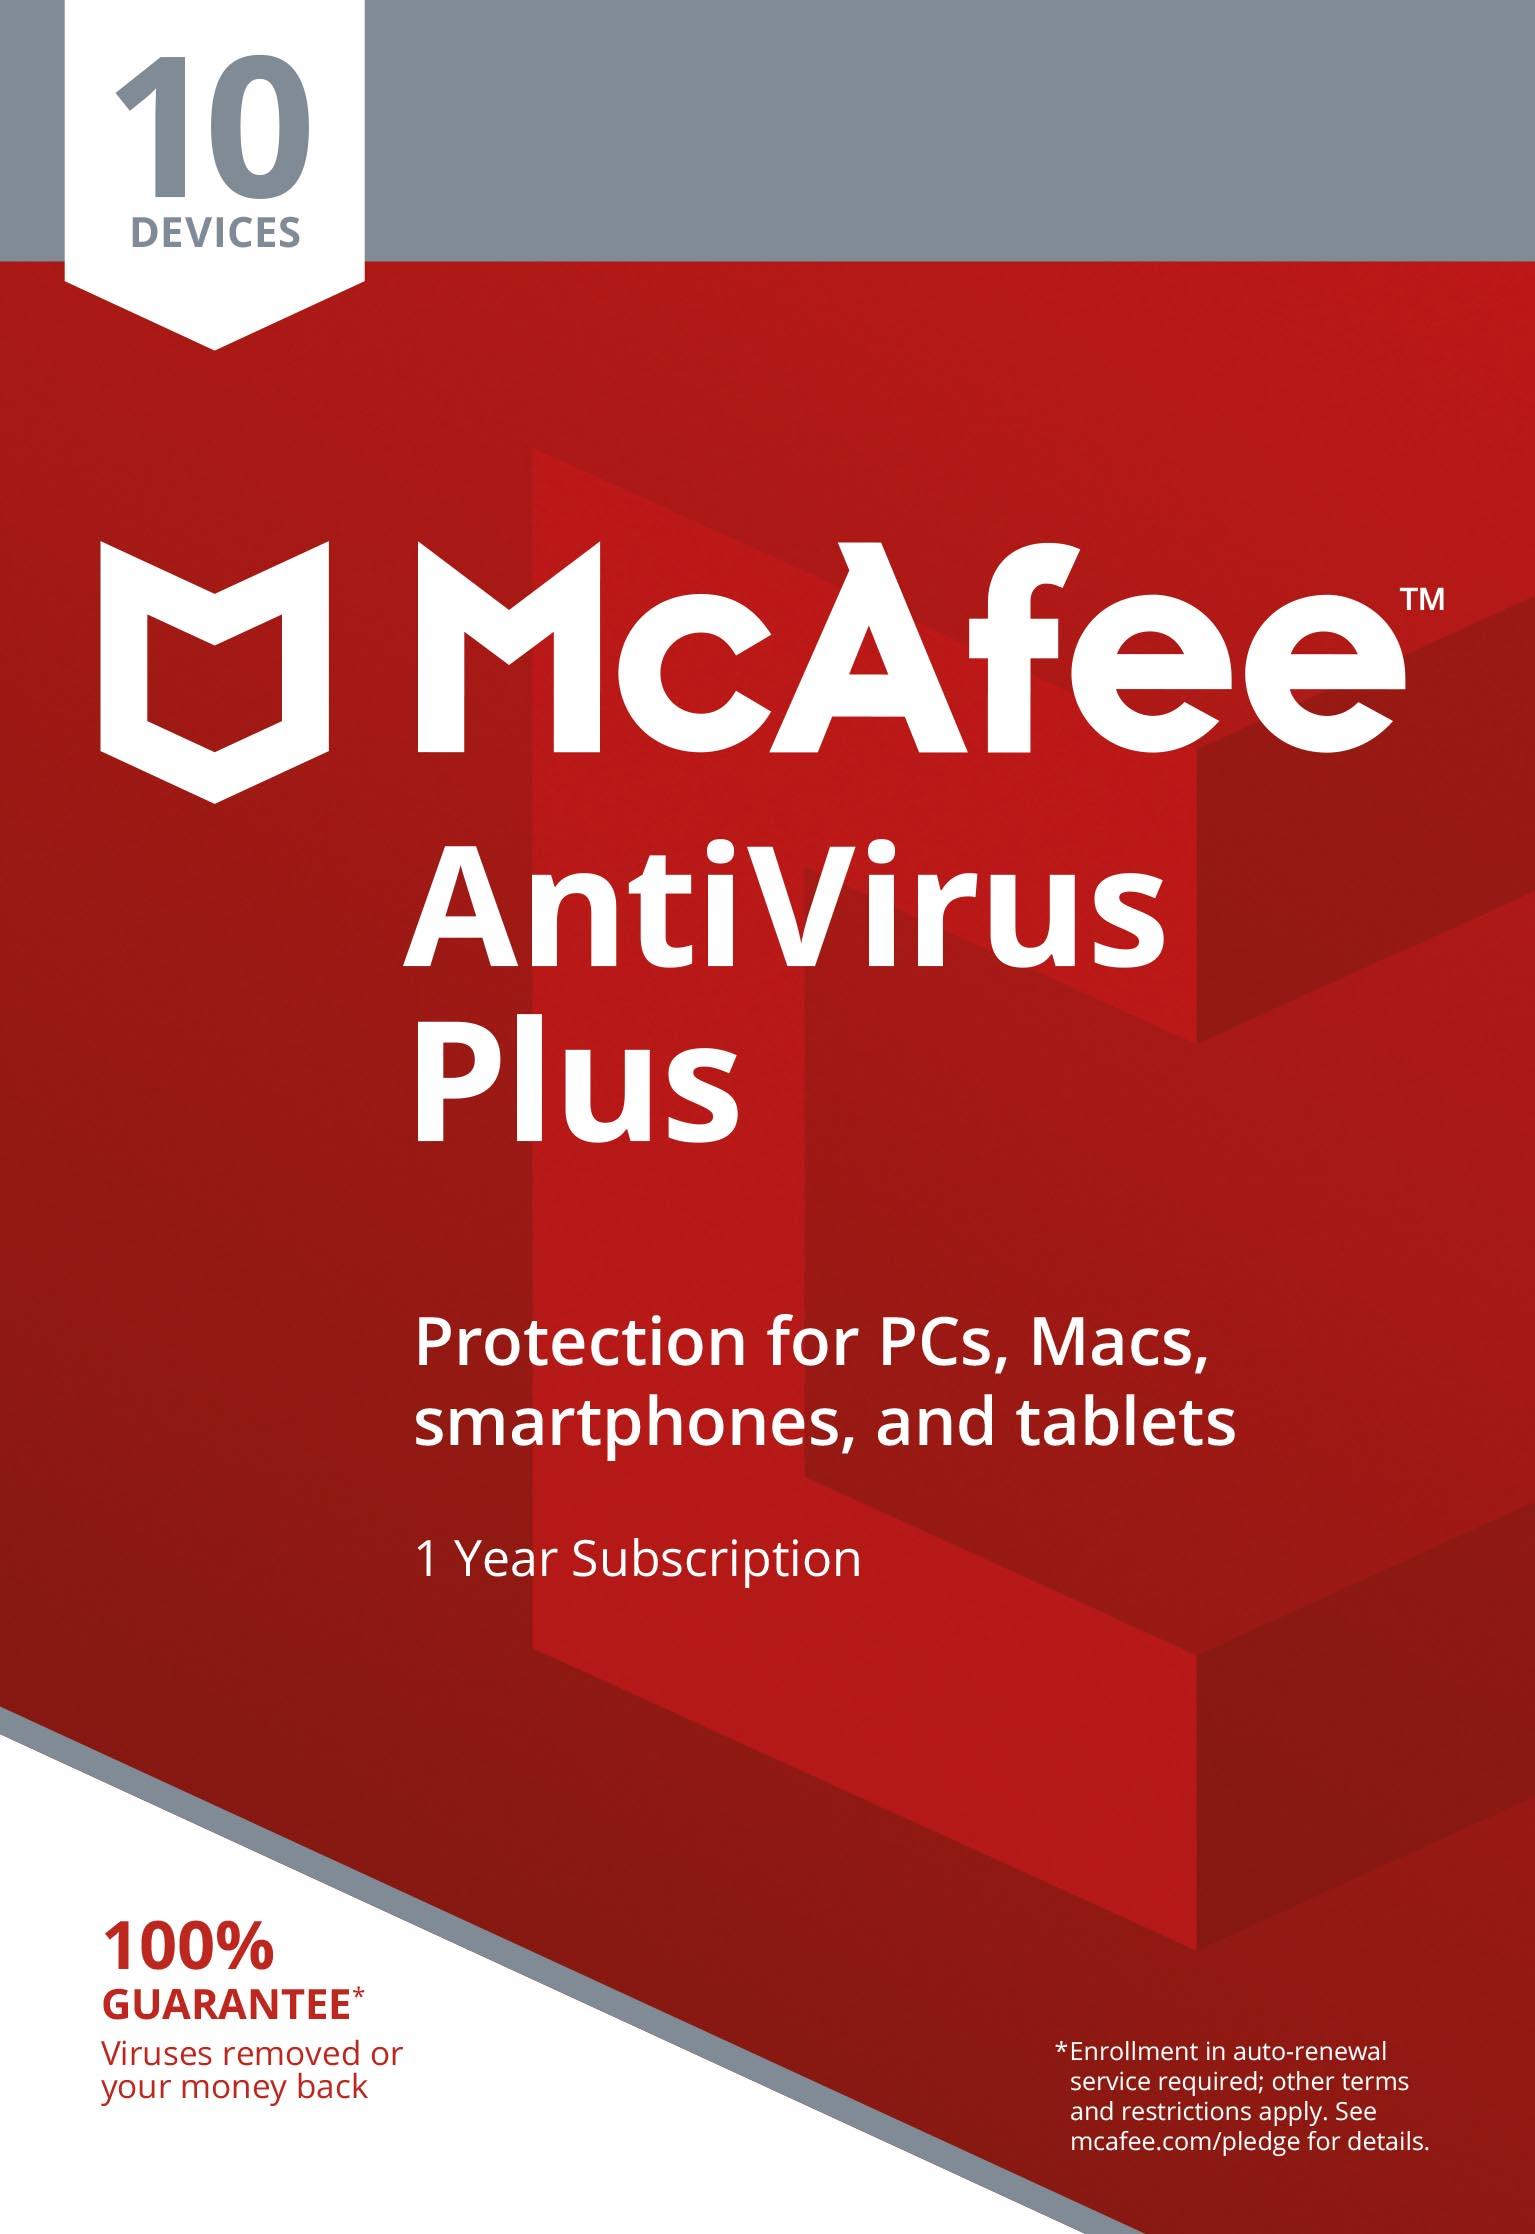 McAfee AntiVirus Plus 2021 | 10 Devices | Antivirus, Anti-Spam,...